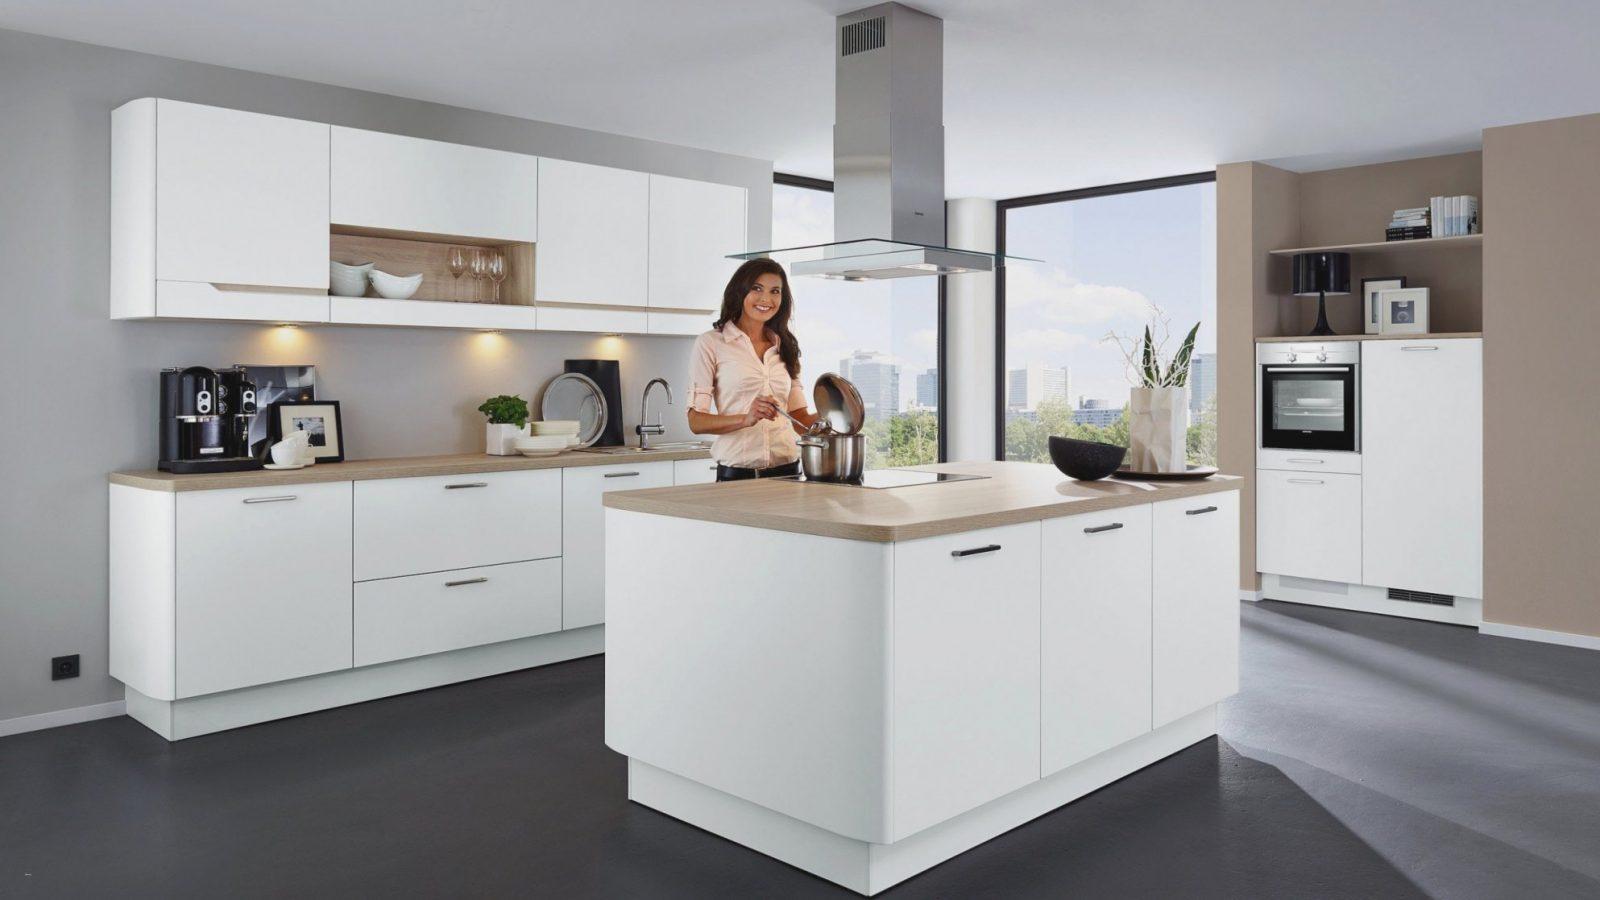 Best Küche Mit Kochinsel Grundriss Photos  Hiketoframe von Grundriss Küche Mit Kochinsel Bild